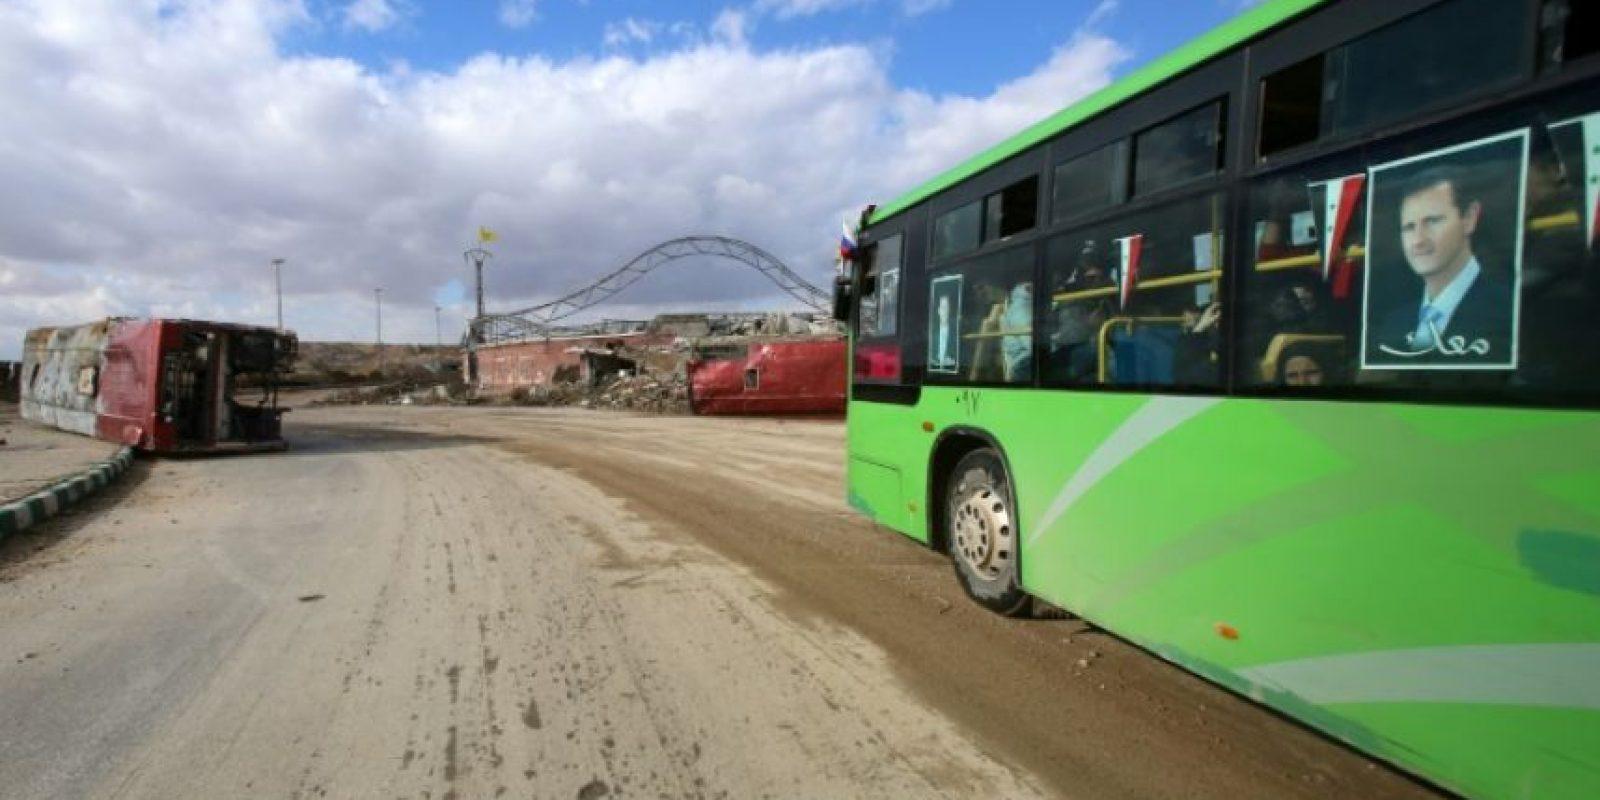 Un autobús traslada a civiles sirios desde el oeste de Alepo al este, pasando por el barrio de Al Jandul, el 3 de diciembre de 2016 Foto:Youssef Karwashan/afp.com